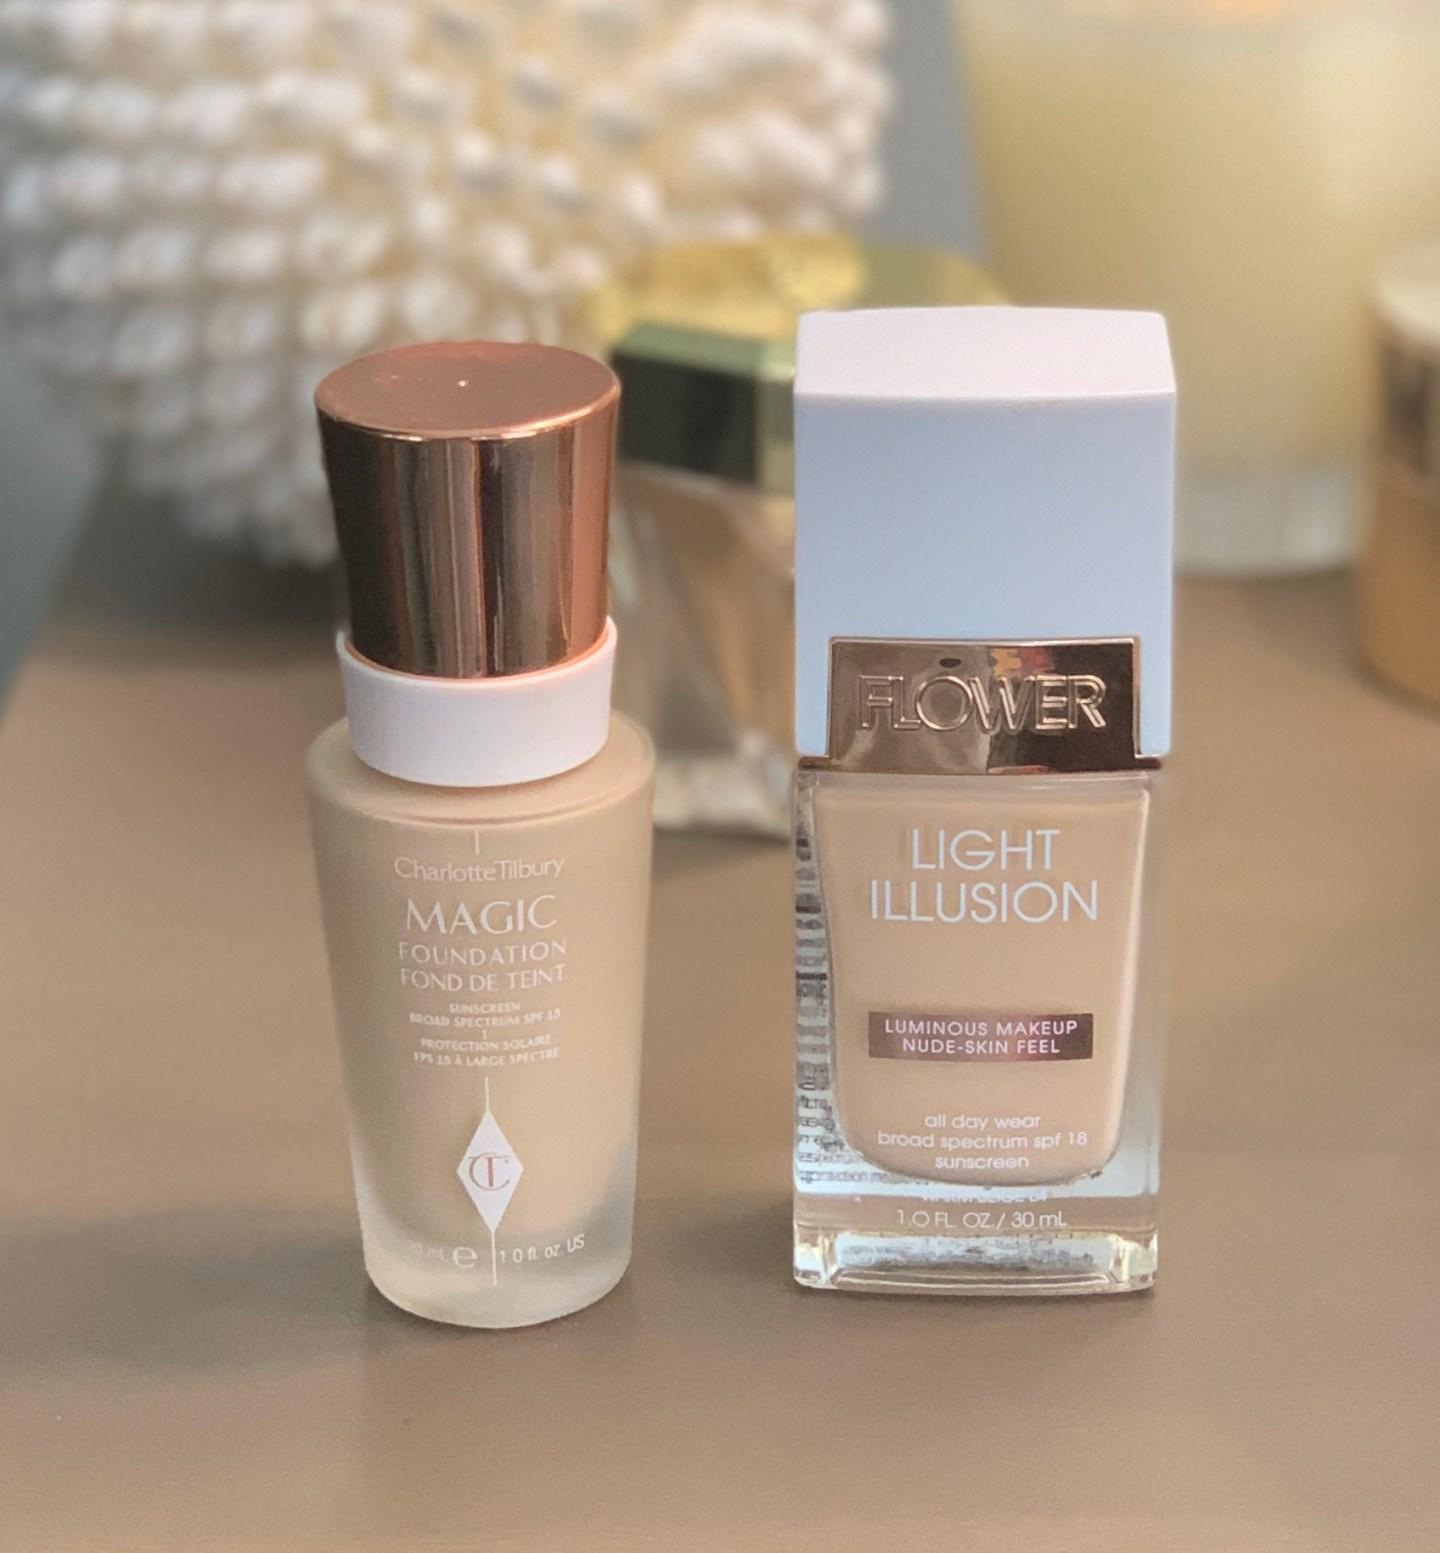 Fond de teint magique Charlotte Tilbury vs maquillage beauté Beauty Beauty Light Illusion Pharmacie Dupes